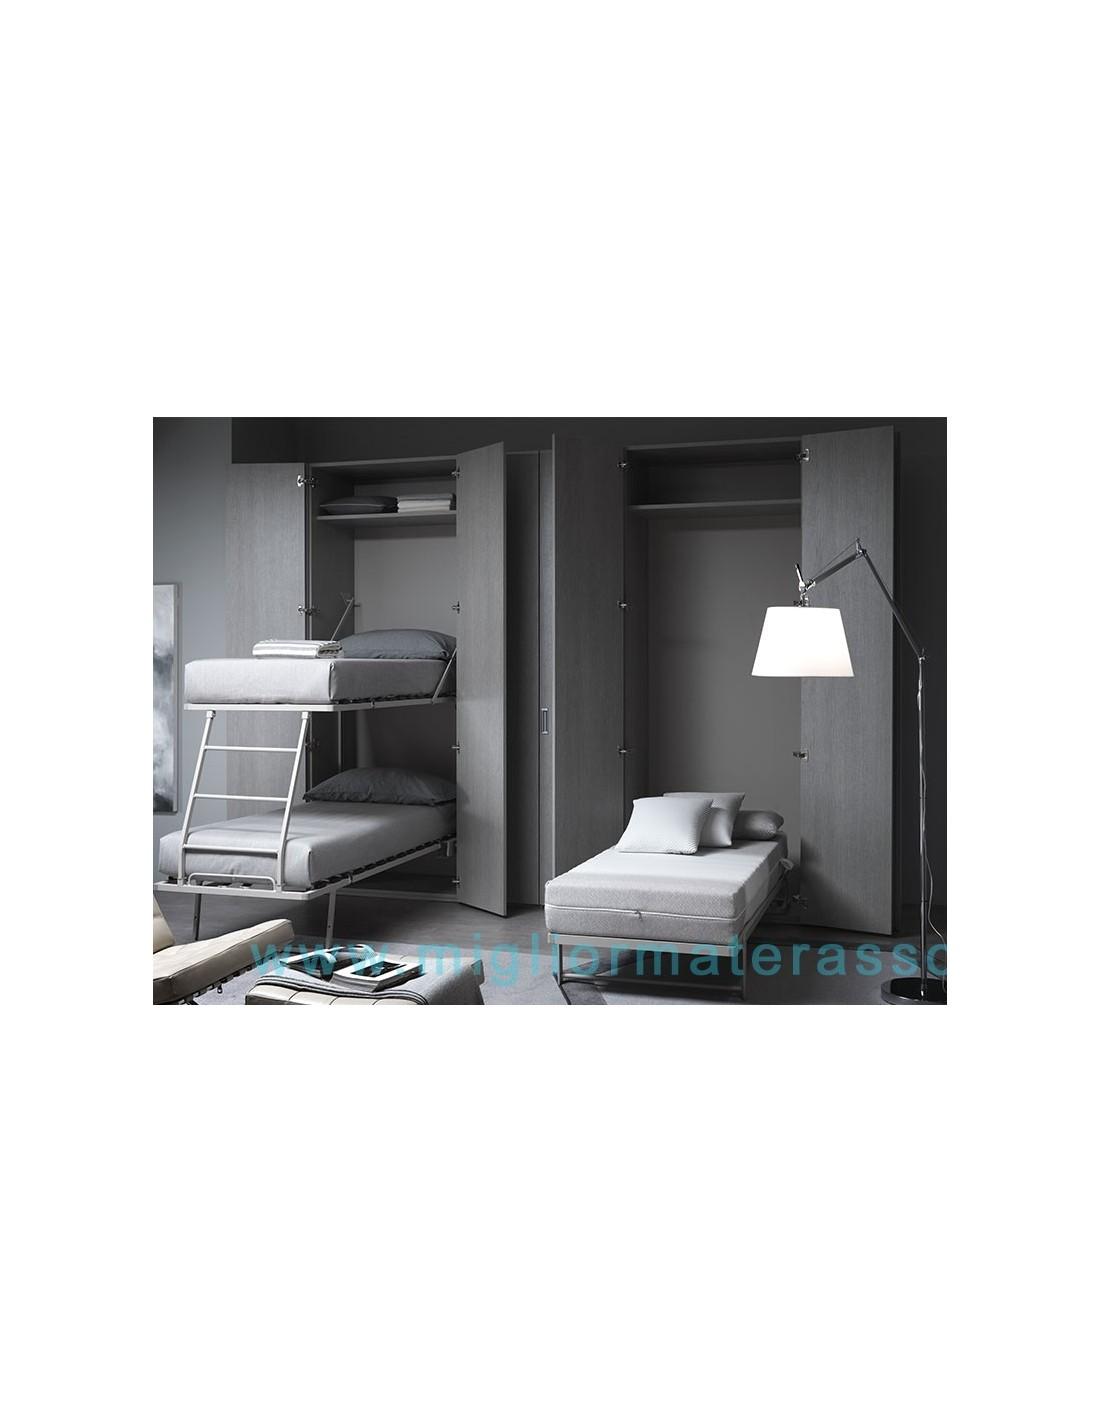 Letto a scomparsa in esposizione armadio letto mobile letto richiudibile - Letto singolo a scomparsa ...